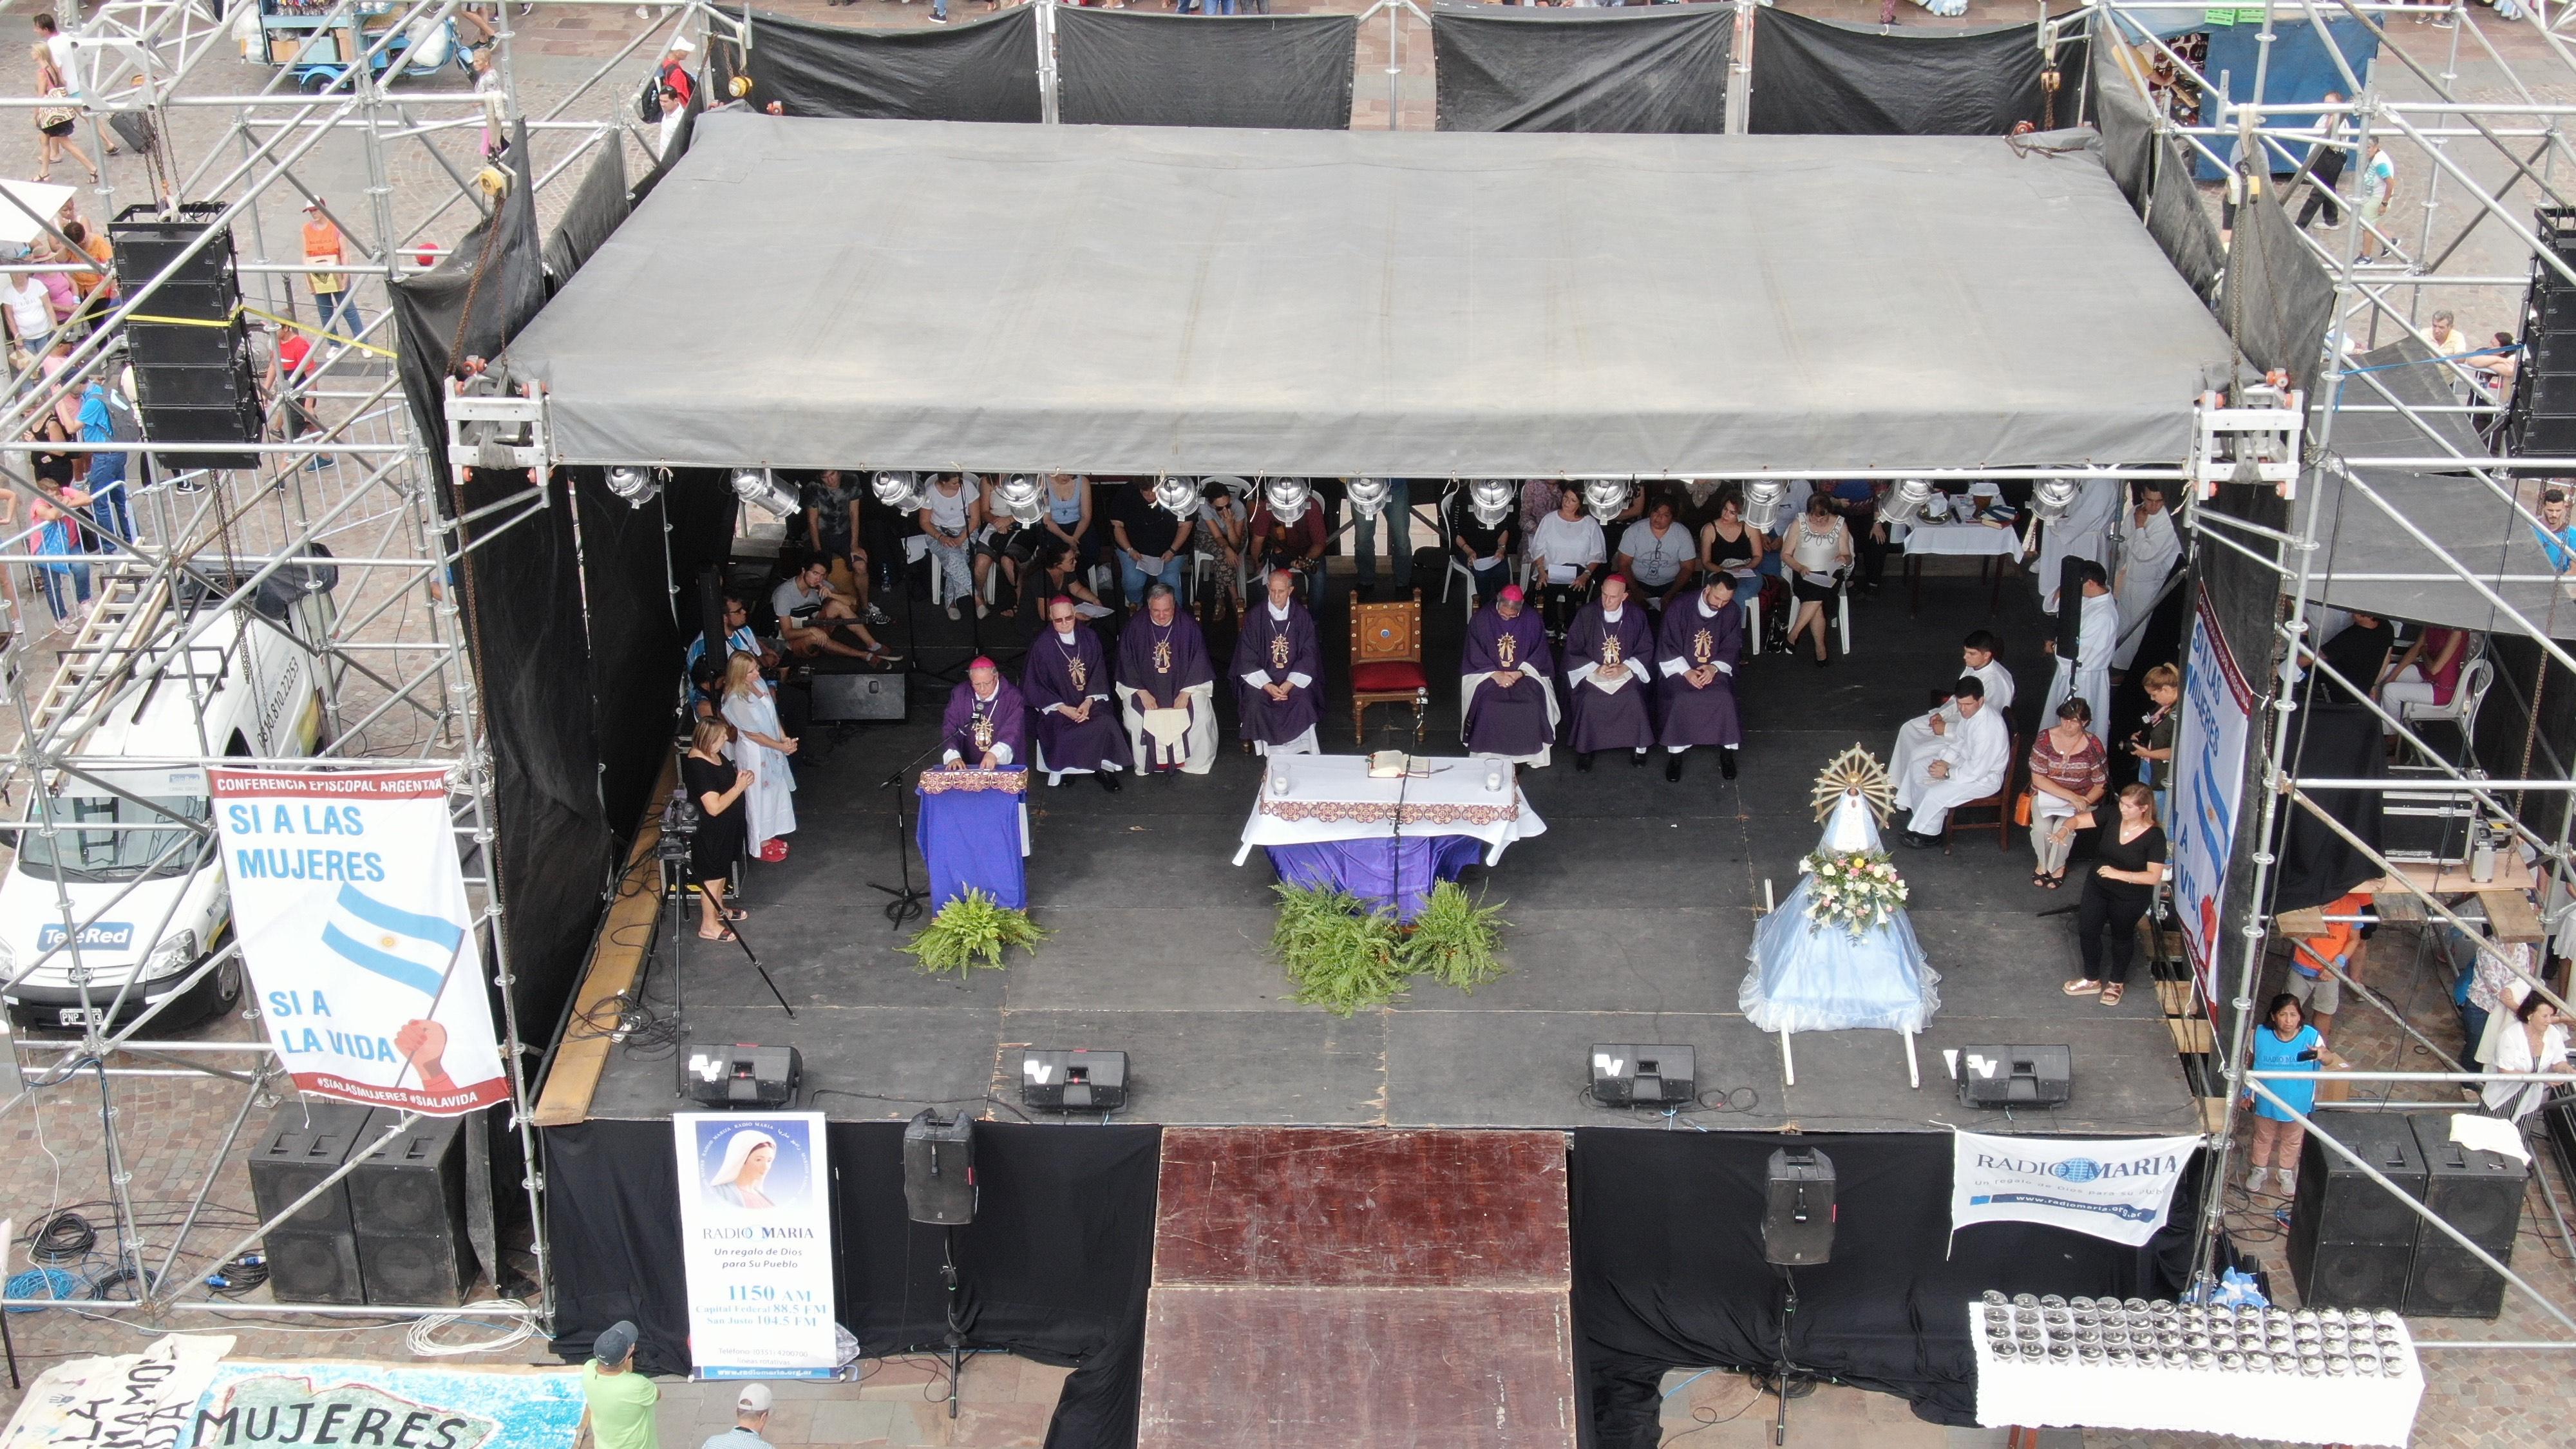 El escenario y el altar montados frente a la Basílica de Luján